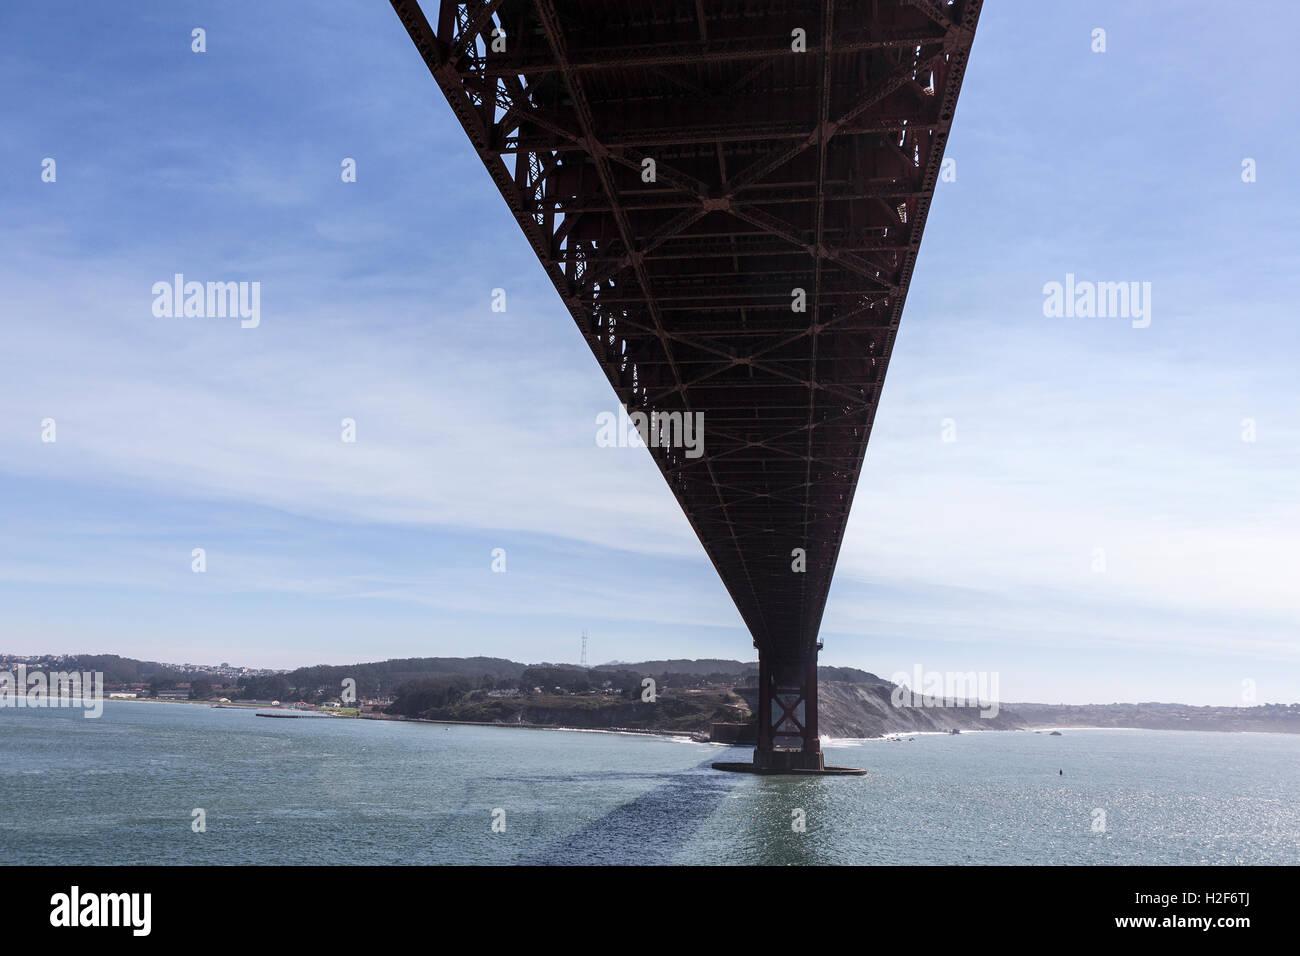 Bajo el puente Golden Gate en la Bahía de San Francisco. Imagen De Stock